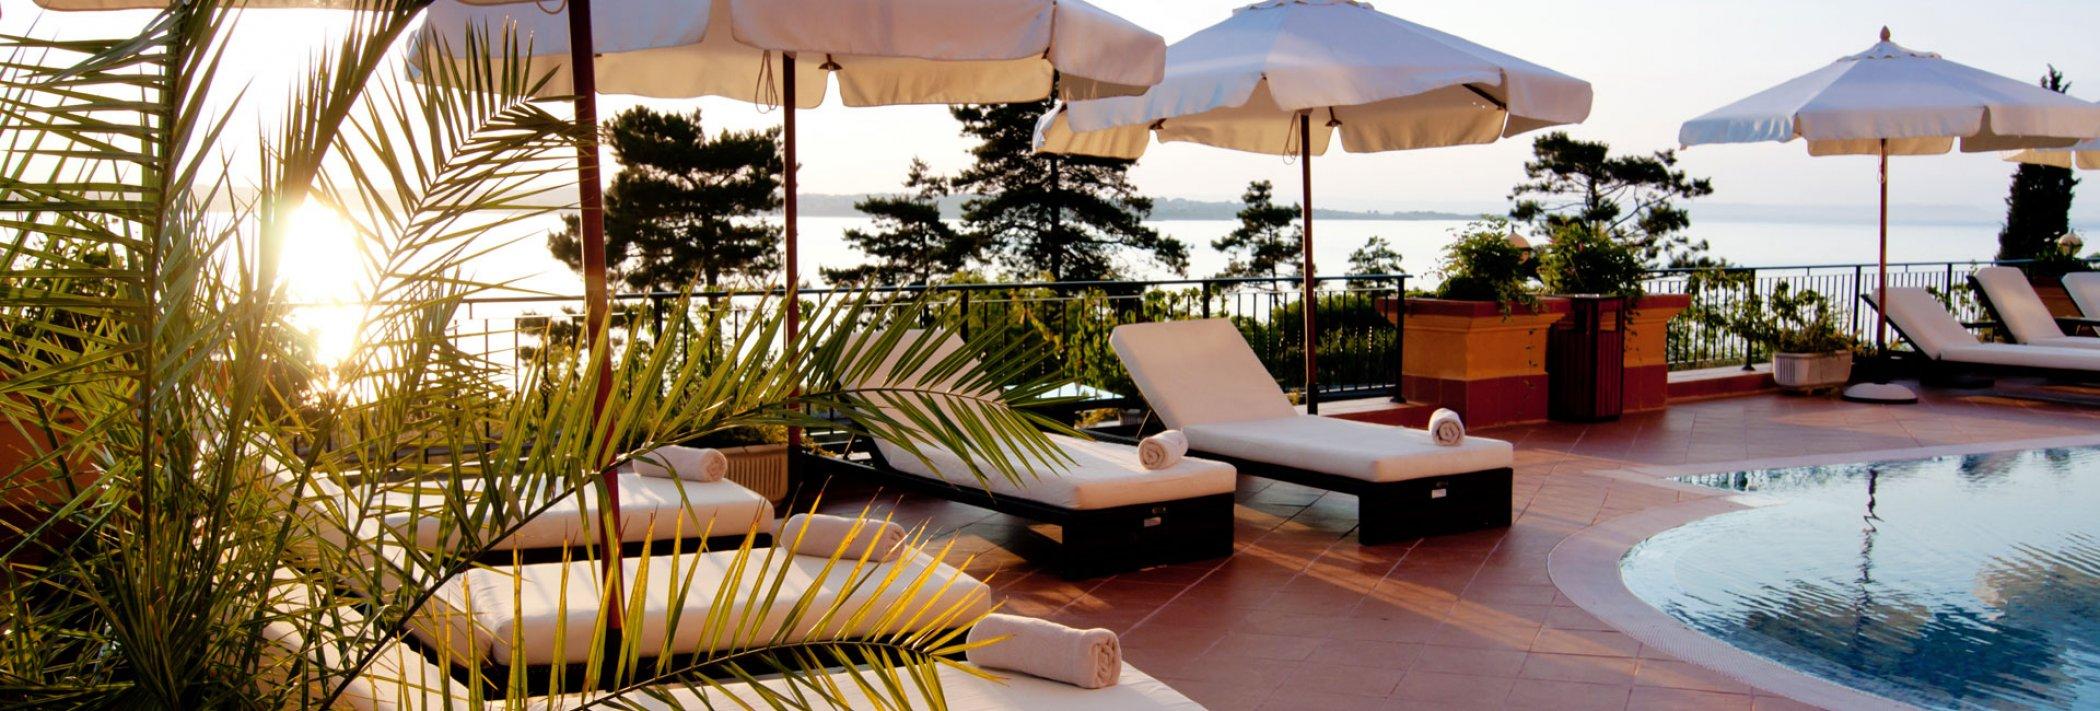 Boutique maui hotels for Best boutique hotels maui